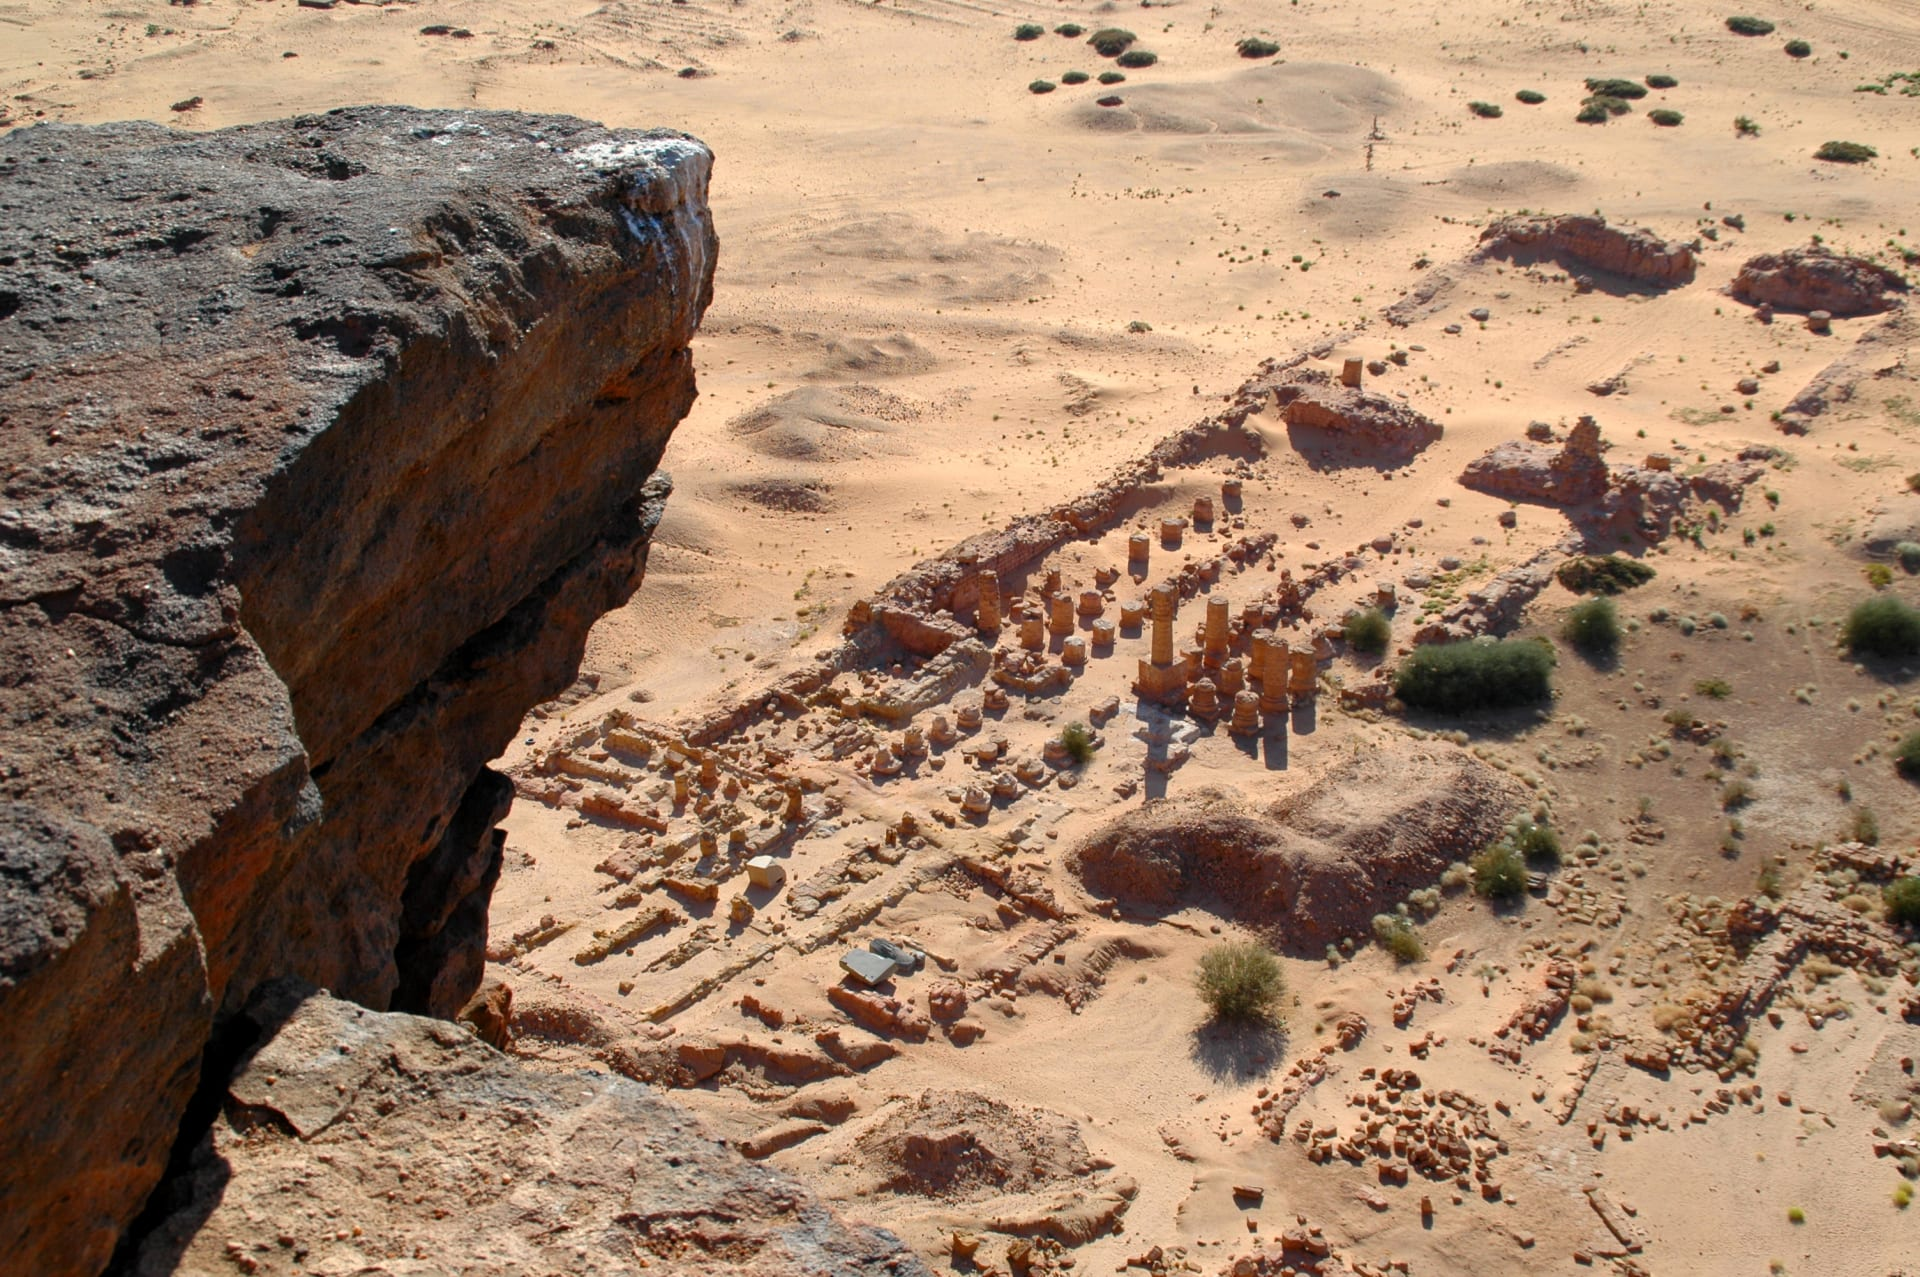 """آمن المصريون القدماء بأن الإله آمون سكن فيه.. تعرف على """"الجبل الطاهر"""" في السودان"""